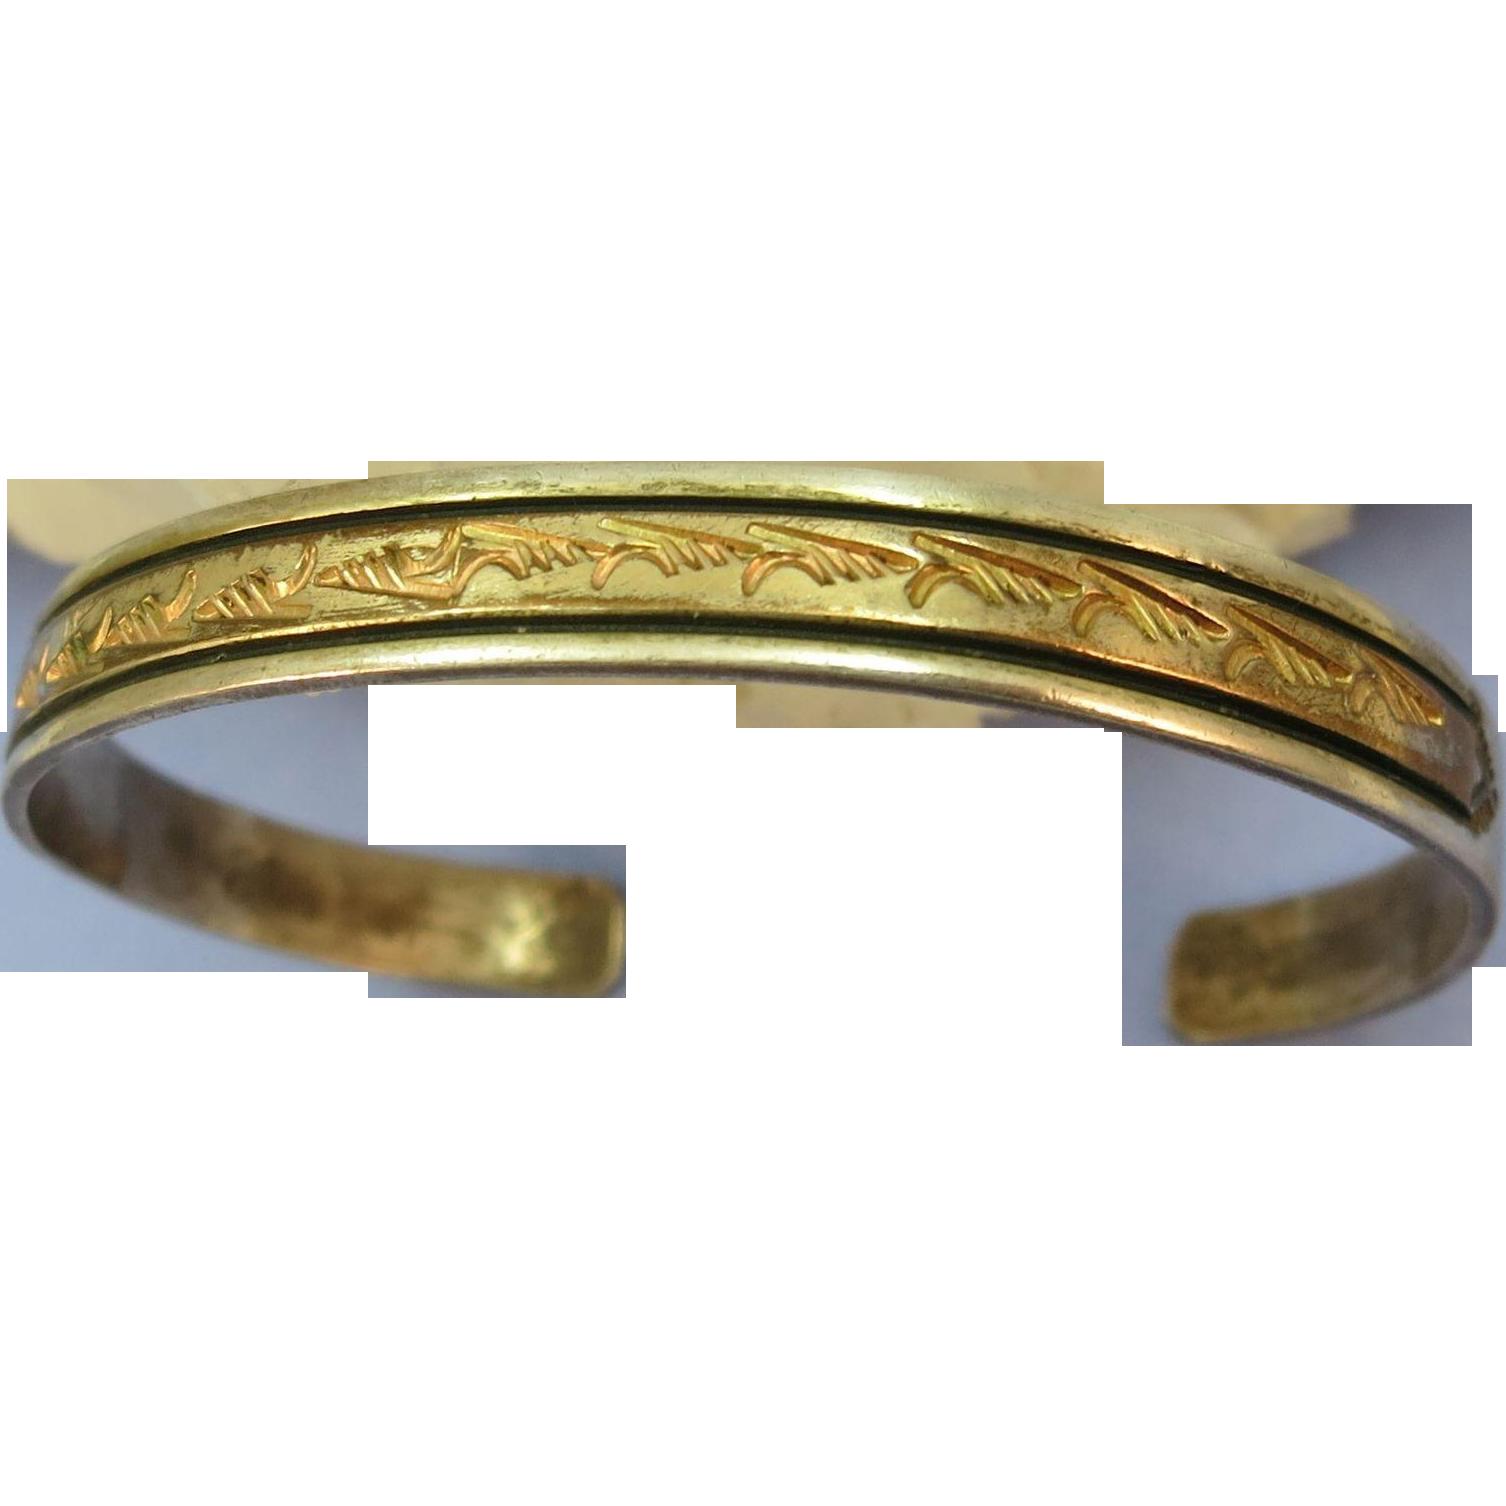 VINTAGE Sterling Bracelet with Gold Filled Trim.